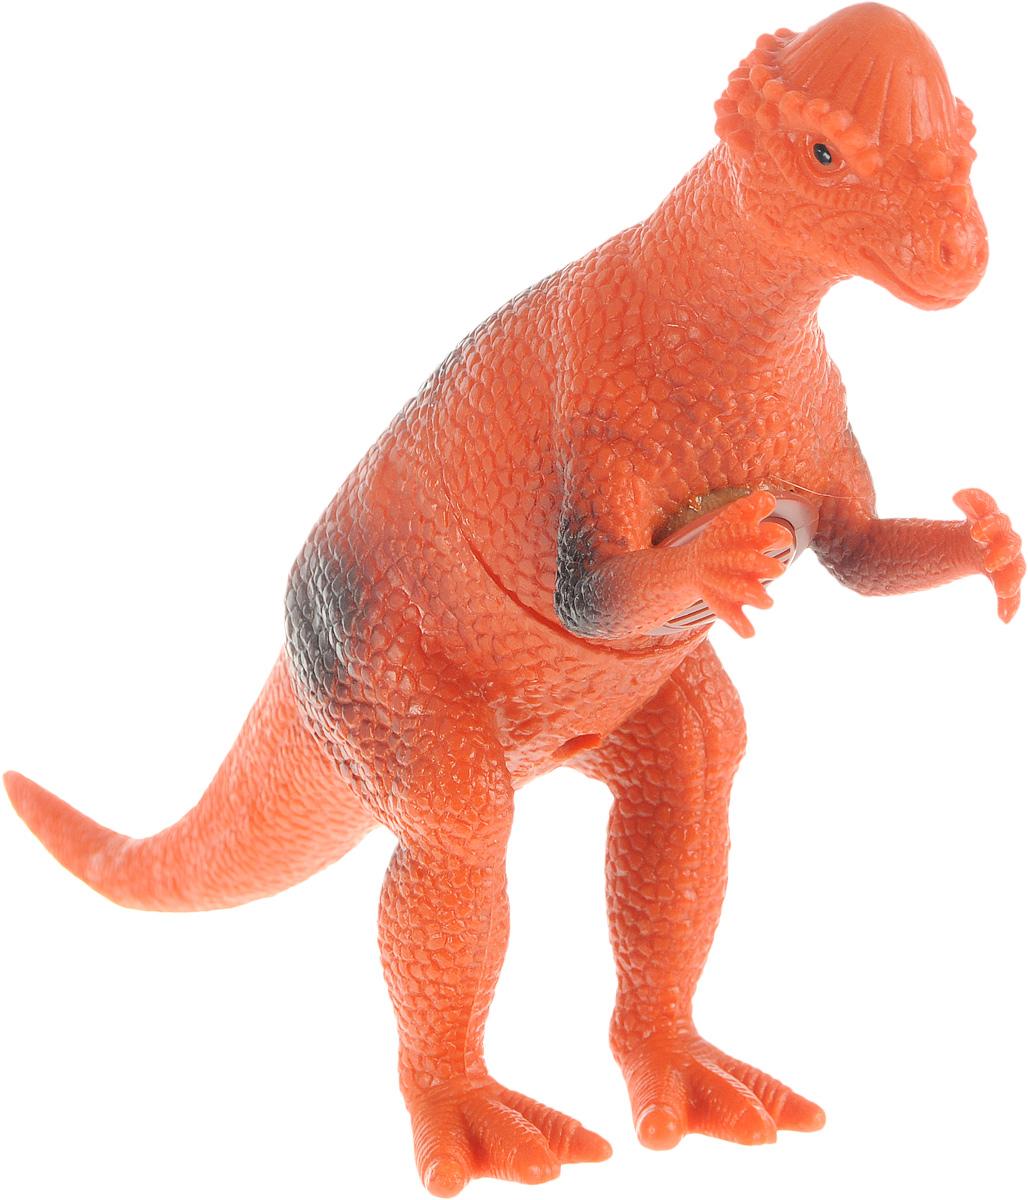 Играем вместе Фигурка Динозавр цвет оранжевыйHT386IC_оранжевыйФигурка Играем вместе Динозавр очень реалистично выглядит. К тому же, фигурка еще и озвучена. С такой игрушкой маленький натуралист сможет полностью погрузиться в атмосферу древней эры динозавров. Коллекция игрушек Рассказы о животных создана специально для маленьких любителей животных, она рассказывает и показывает различных обитателей нашей планеты, в том числе и тех, кто жил много миллионов лет назад, как этот динозавр. Игрушка работает от незаменяемых батареек.